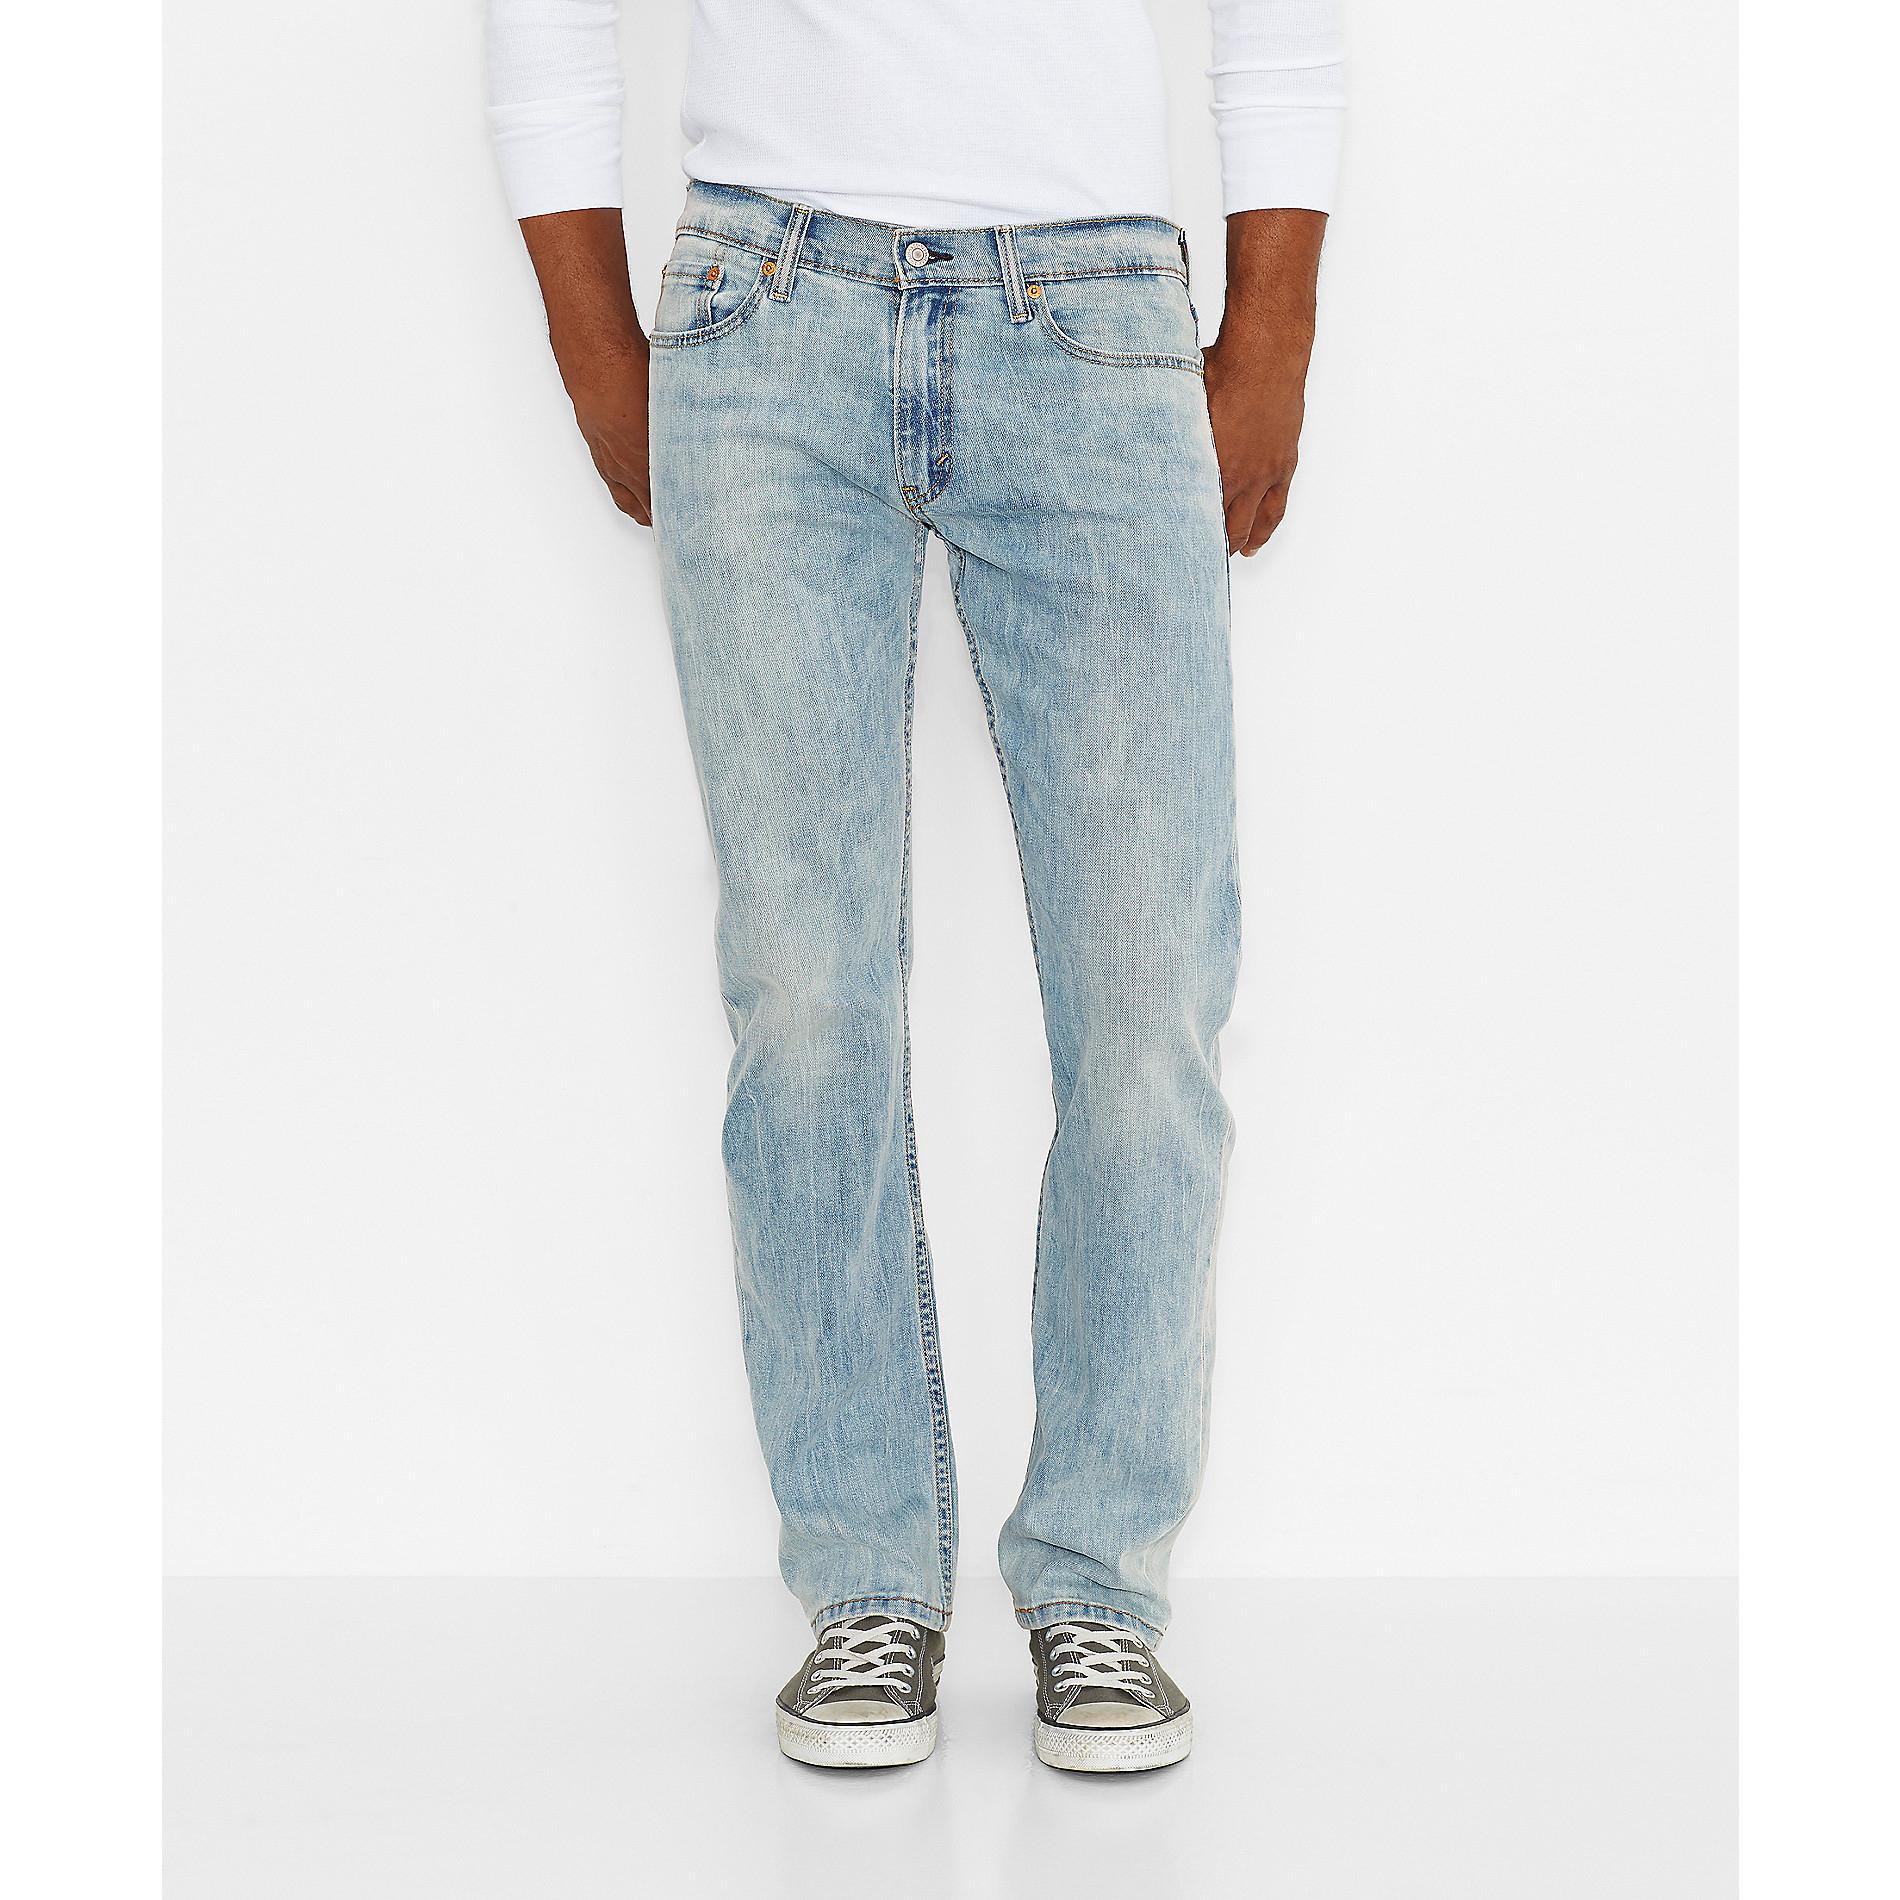 Levi's Men's 514 Straight Fit Jeans - Light Wash